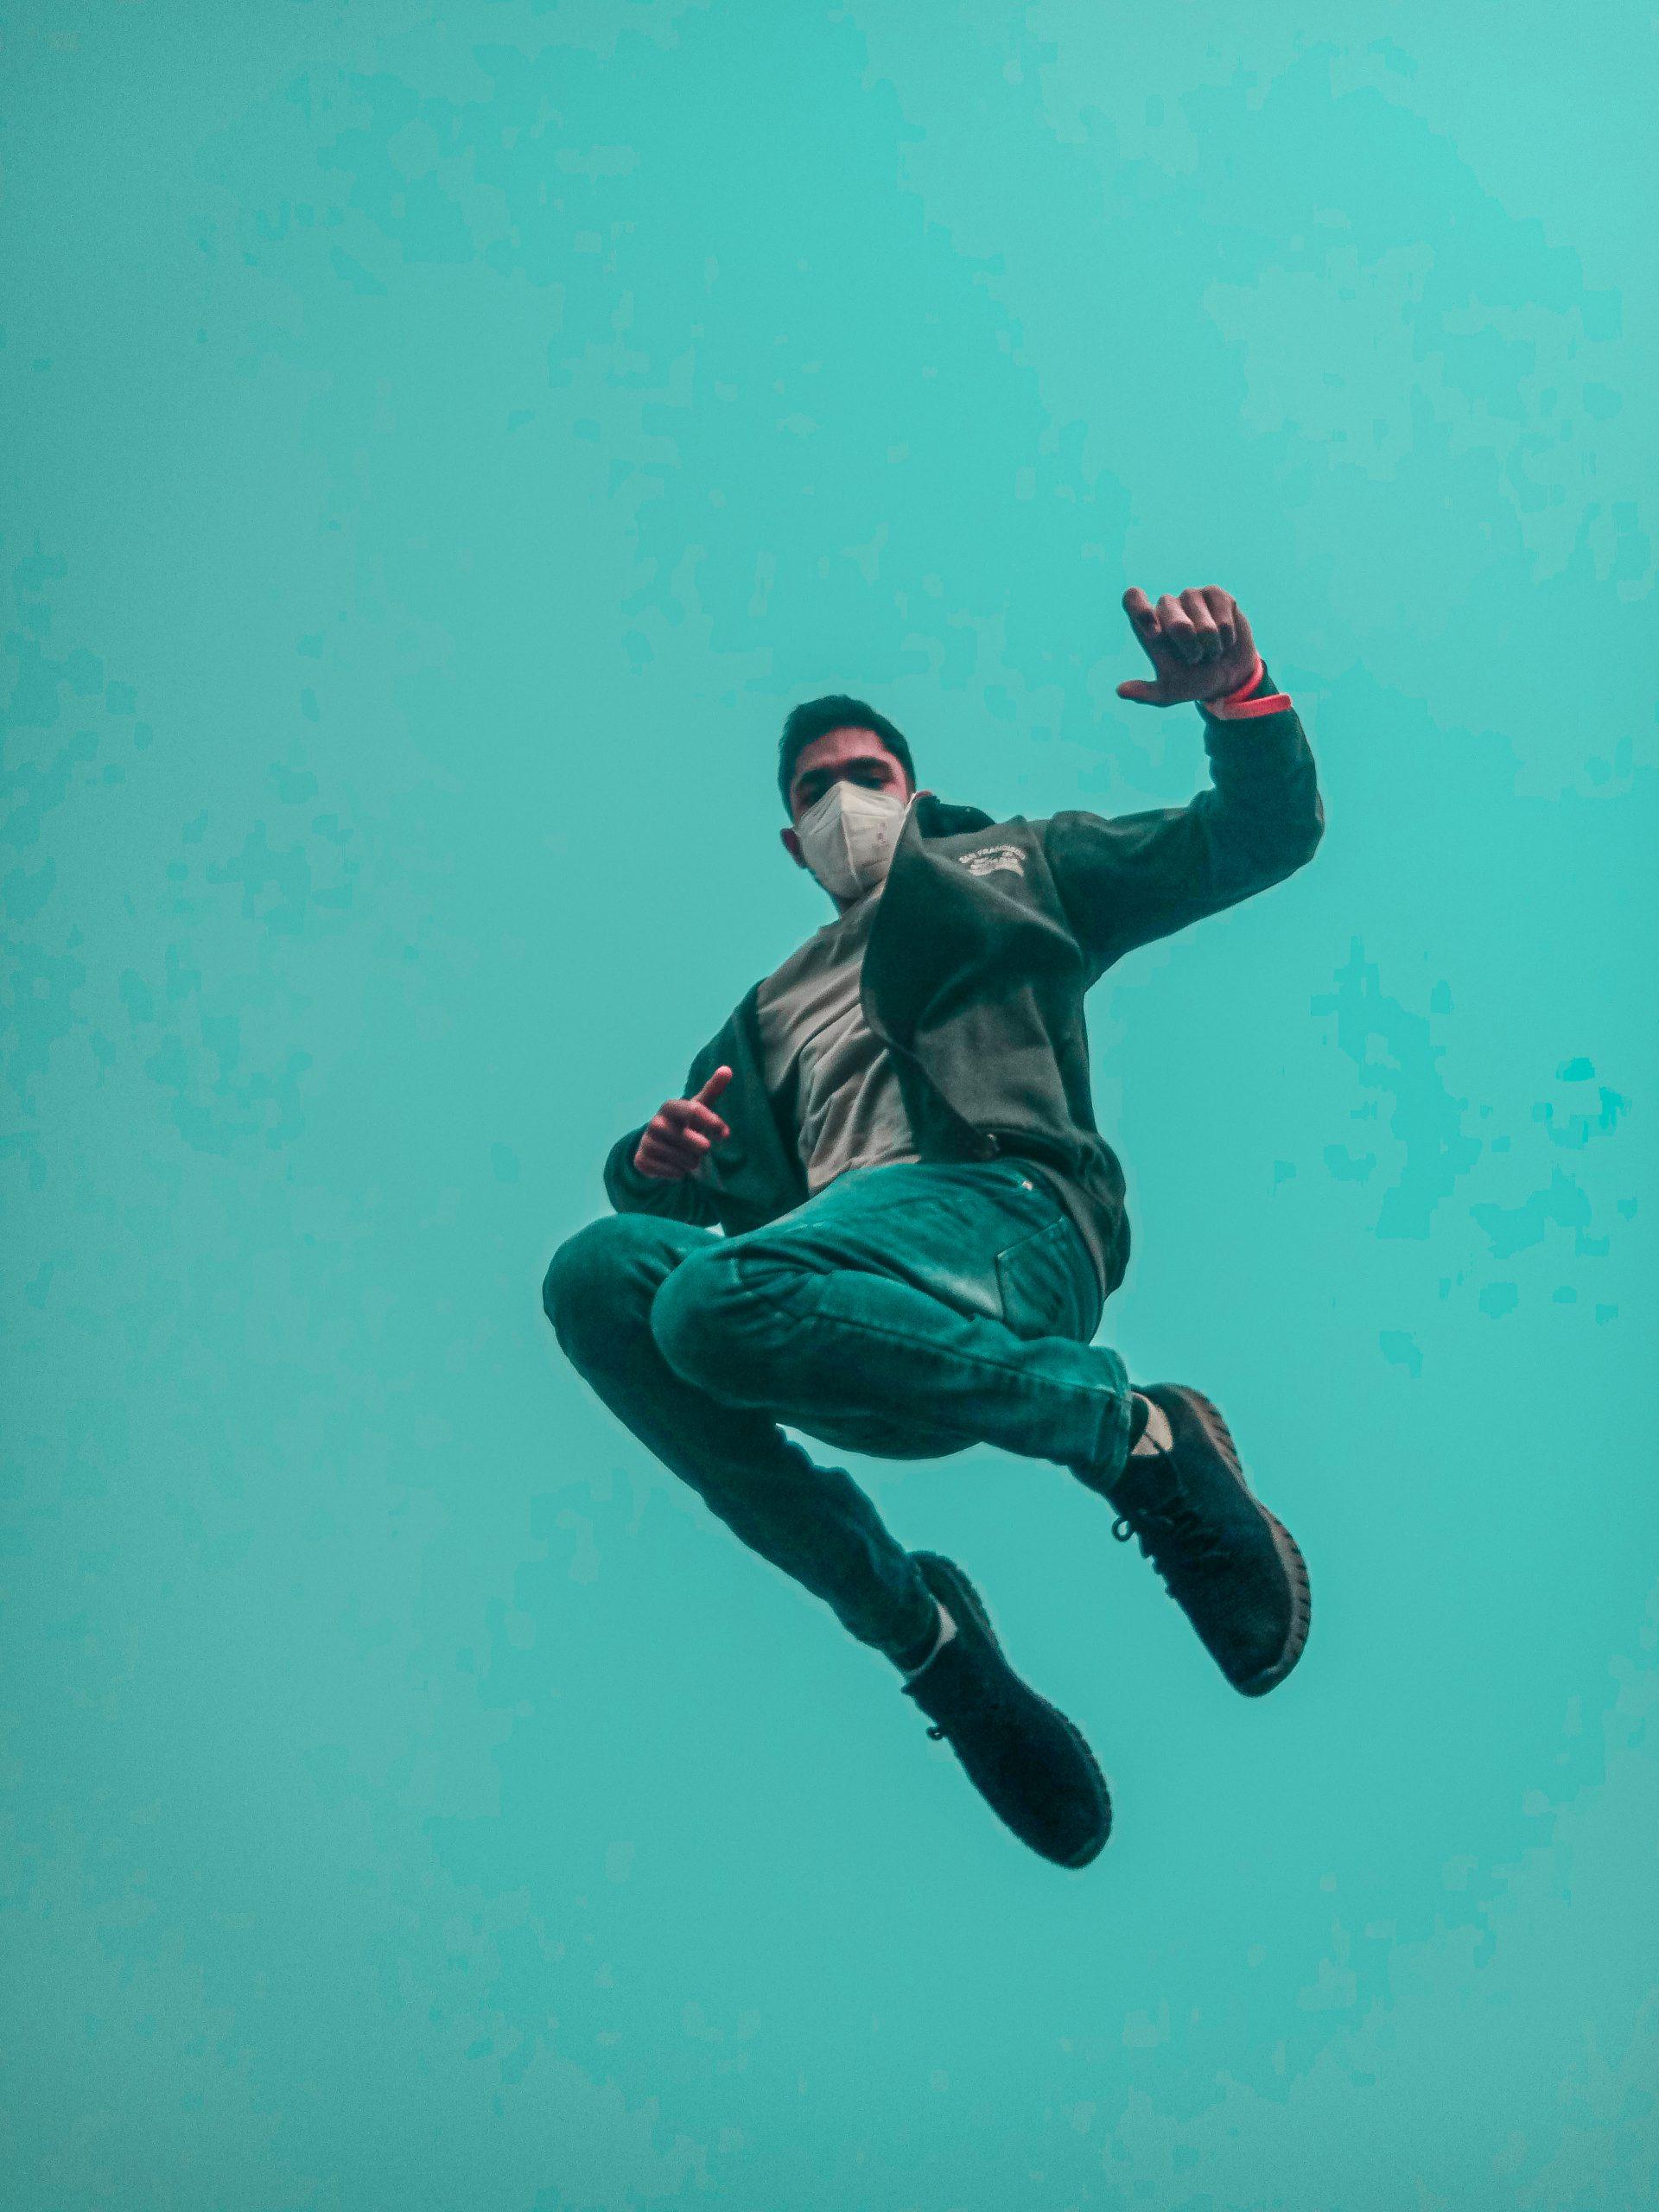 A boy jumping in air